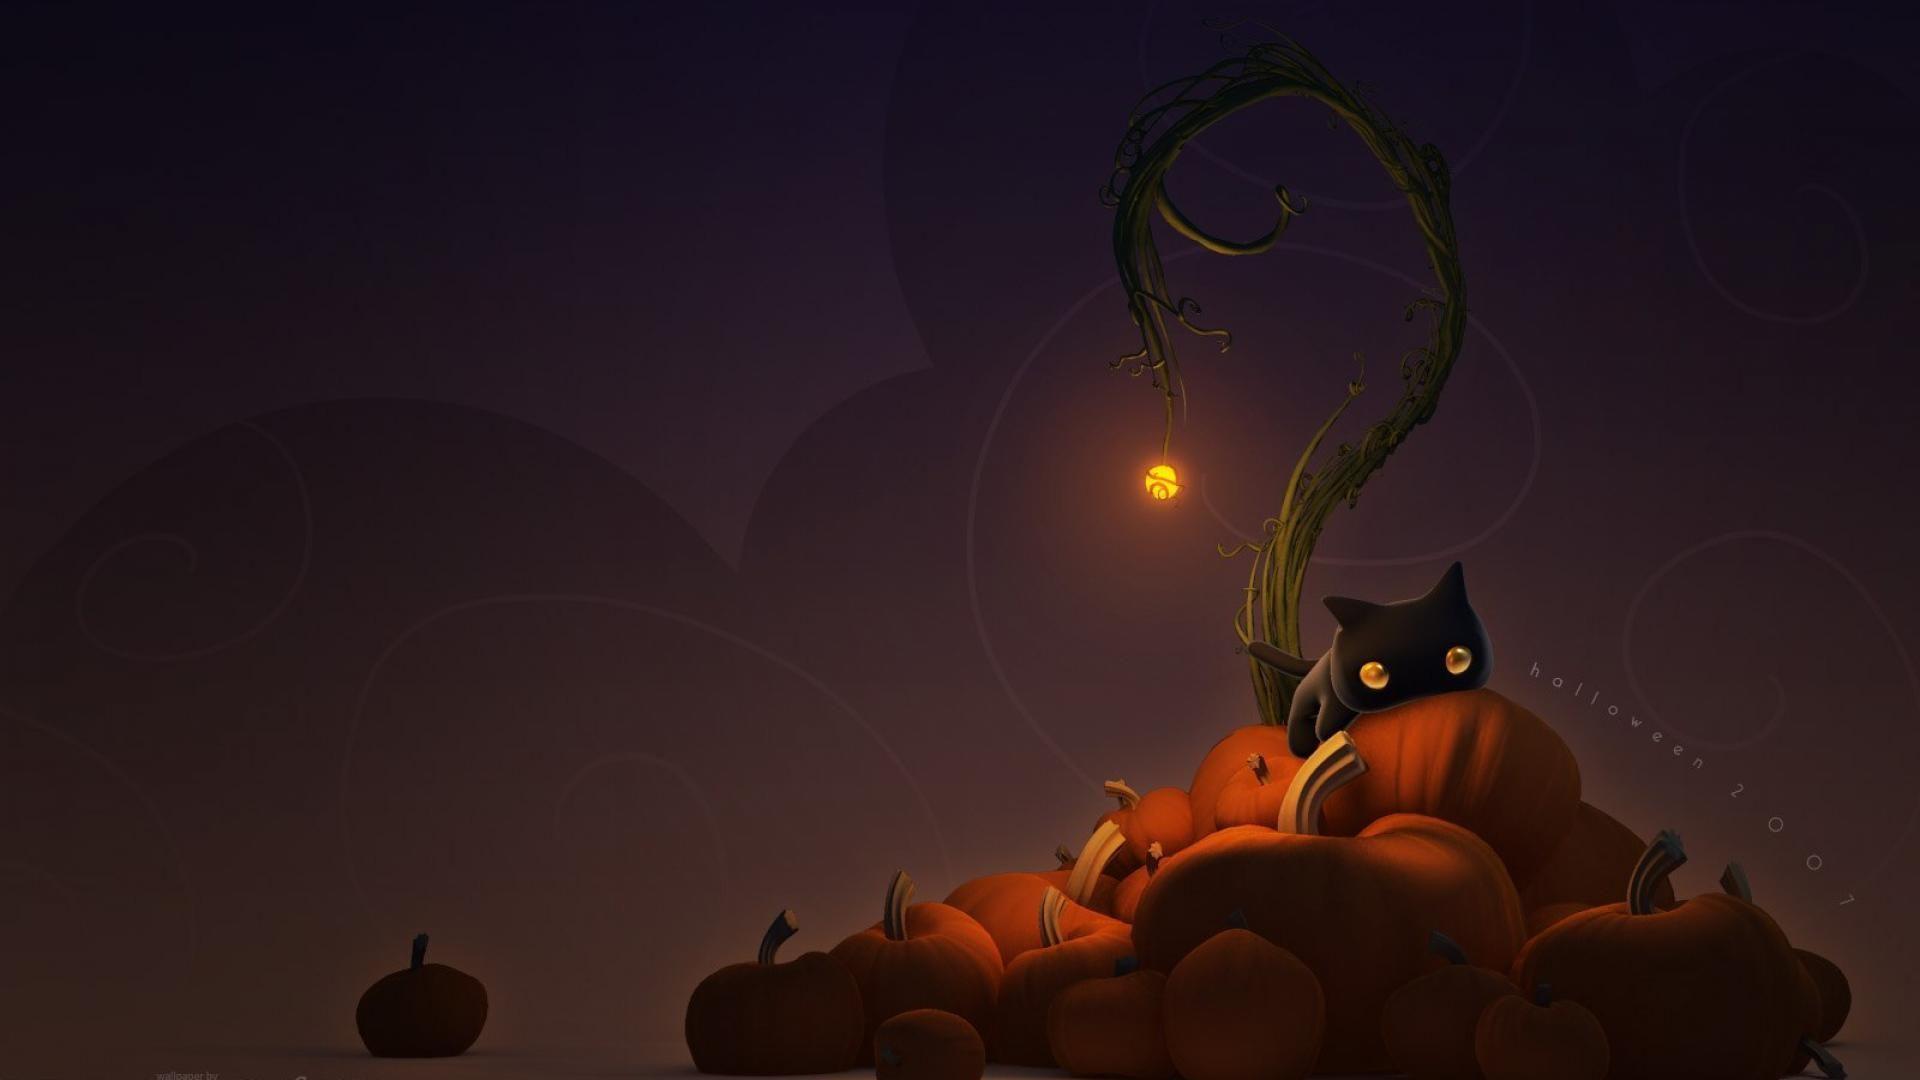 Halloween Cat Wallpaper 1080p Https Www Hdwallpaperspop Com Halloween Cat Wallpaper 1080p Halloween Wallpaper Halloween Wallpaper Cute Snoopy Halloween